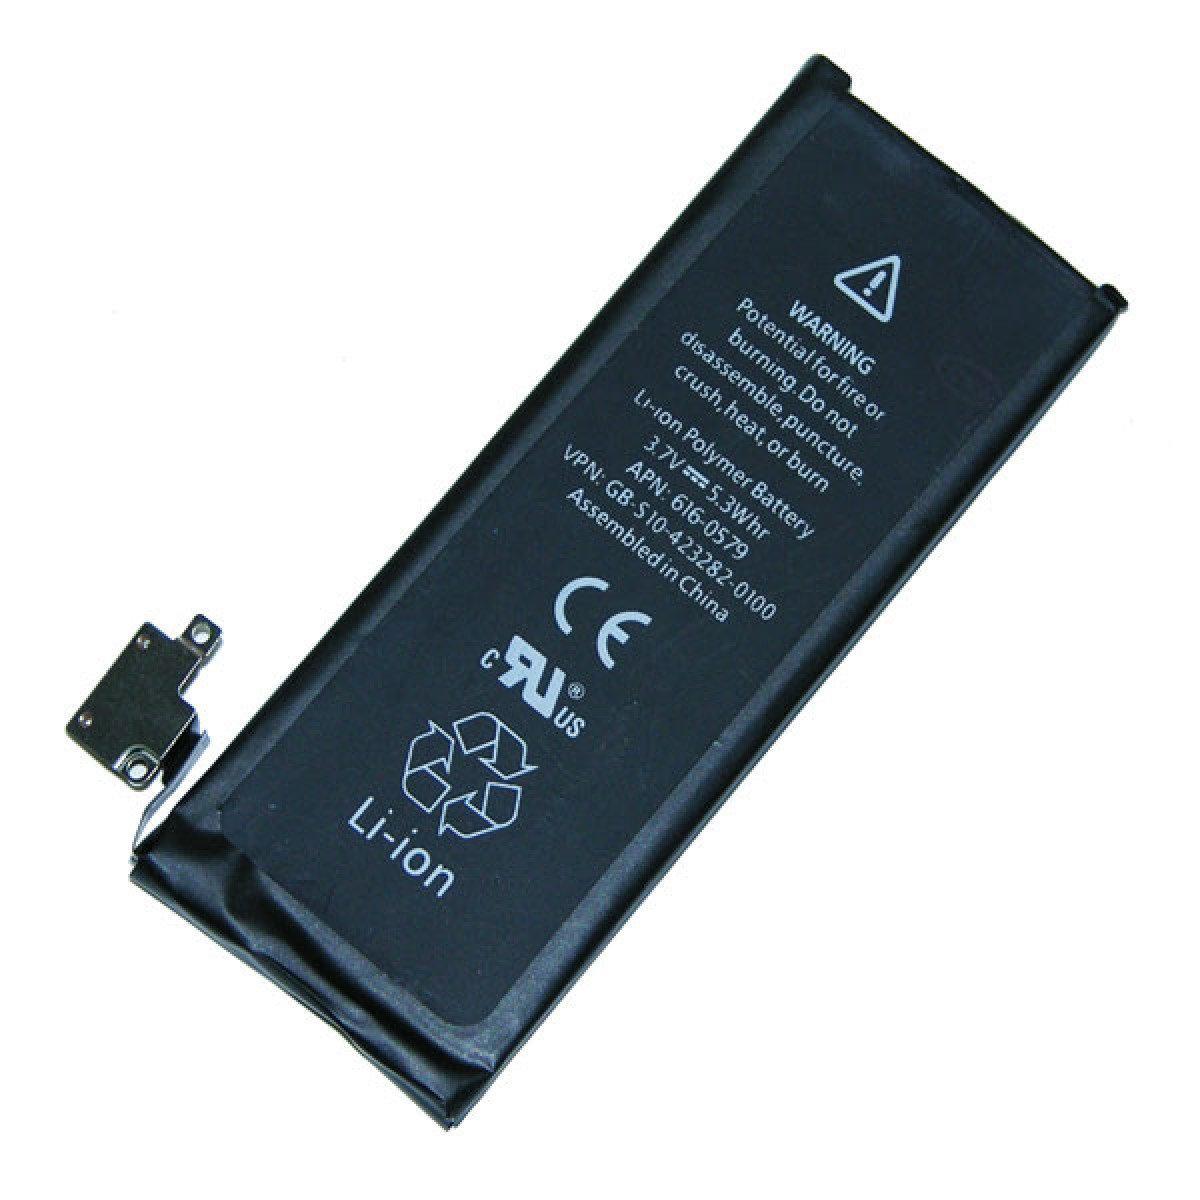 Аккумулятор к телефону Apple iPhone 4S 616-0579 1430mAh